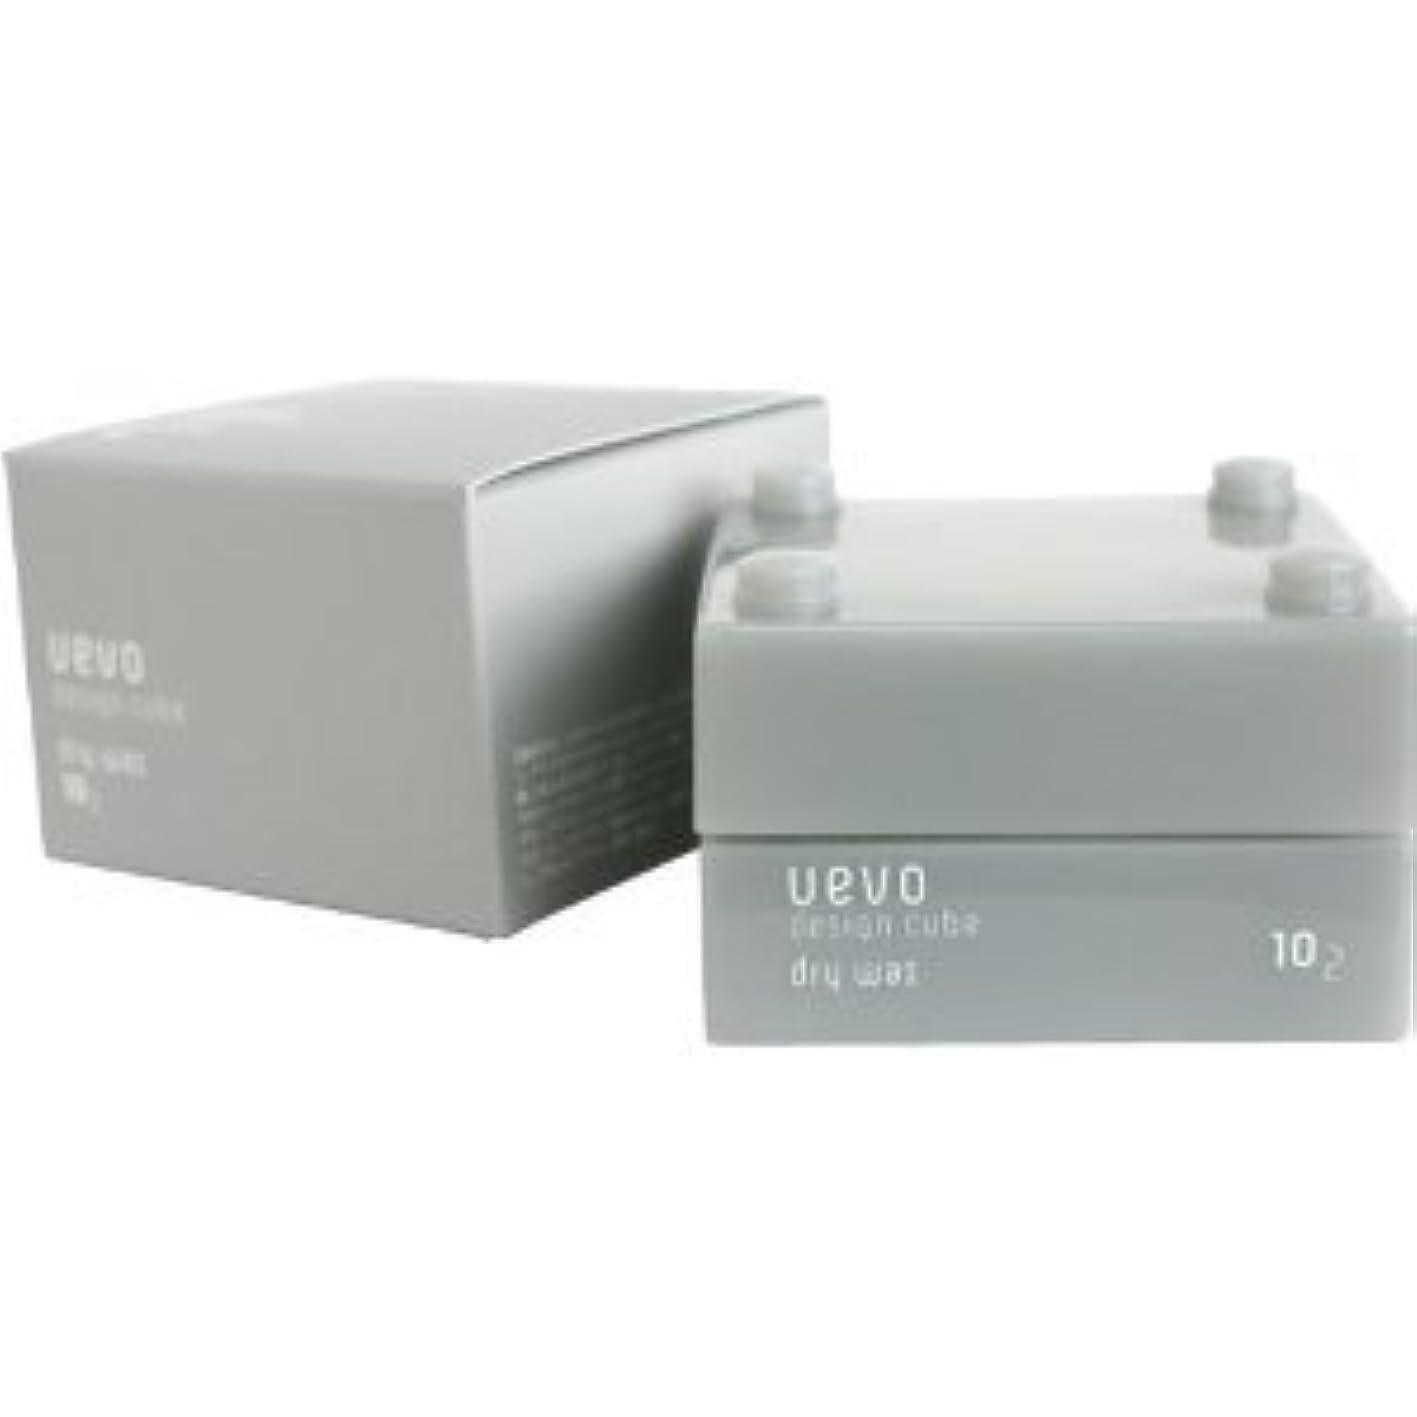 【X2個セット】 デミ ウェーボ デザインキューブ ドライワックス 30g dry wax DEMI uevo design cube